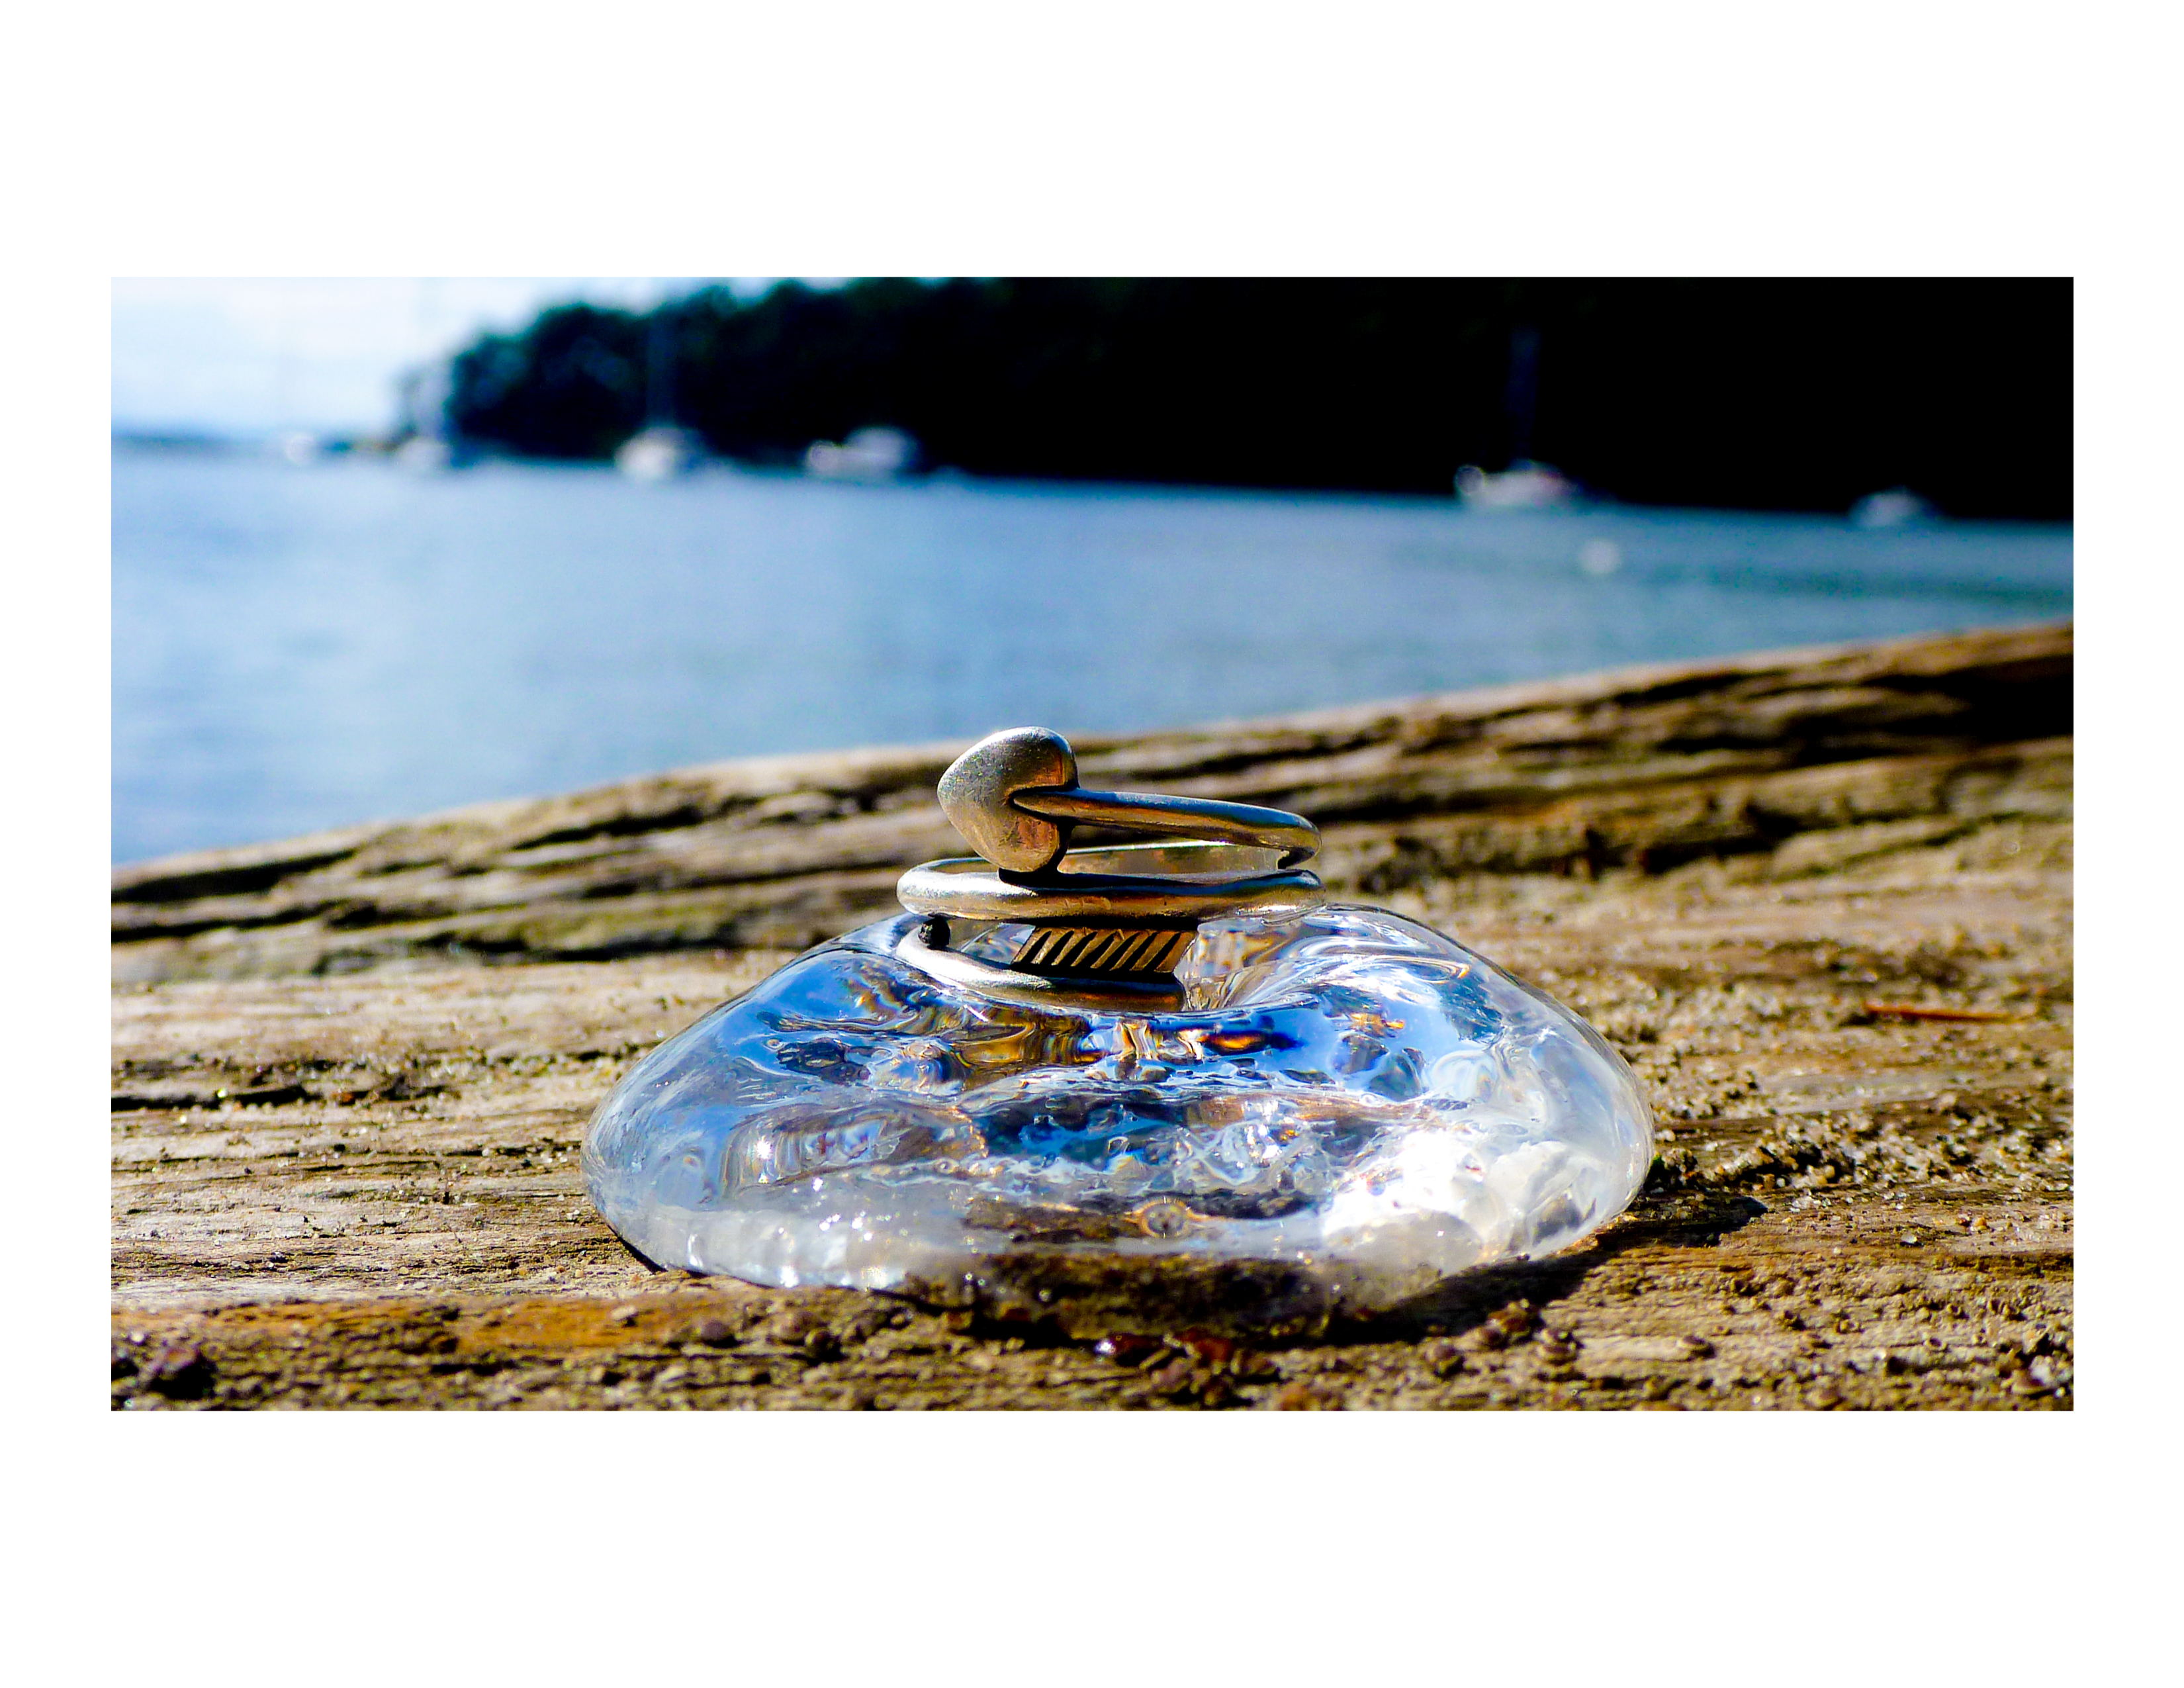 The Glass Bolster artwork by  Ben K - art listed for sale on Artplode